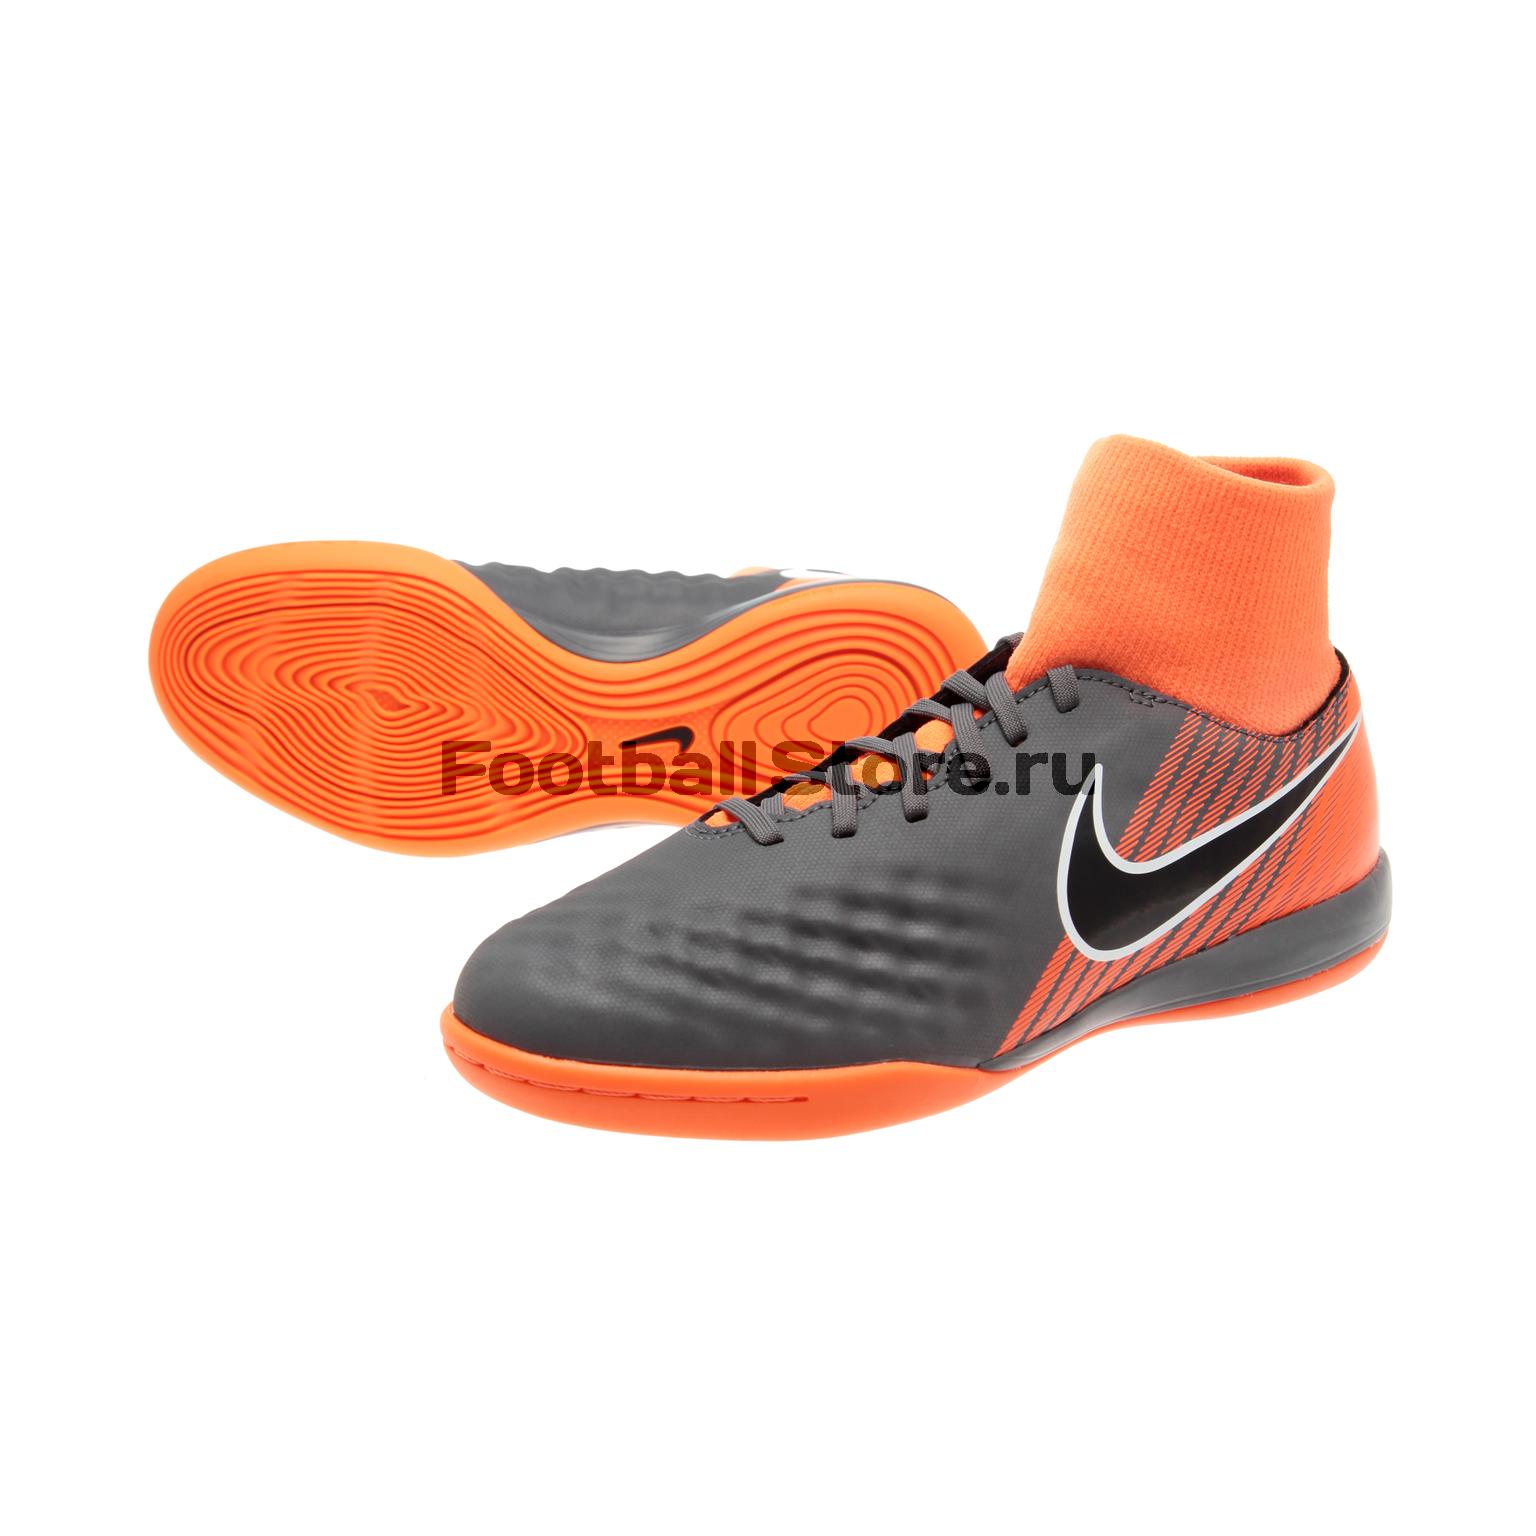 Обувь для зала Nike JR ObraX 2 Academy DF IC AH7315-080 детские бутсы nike бутсы nike jr phantom 3 elite df fg ah7292 081